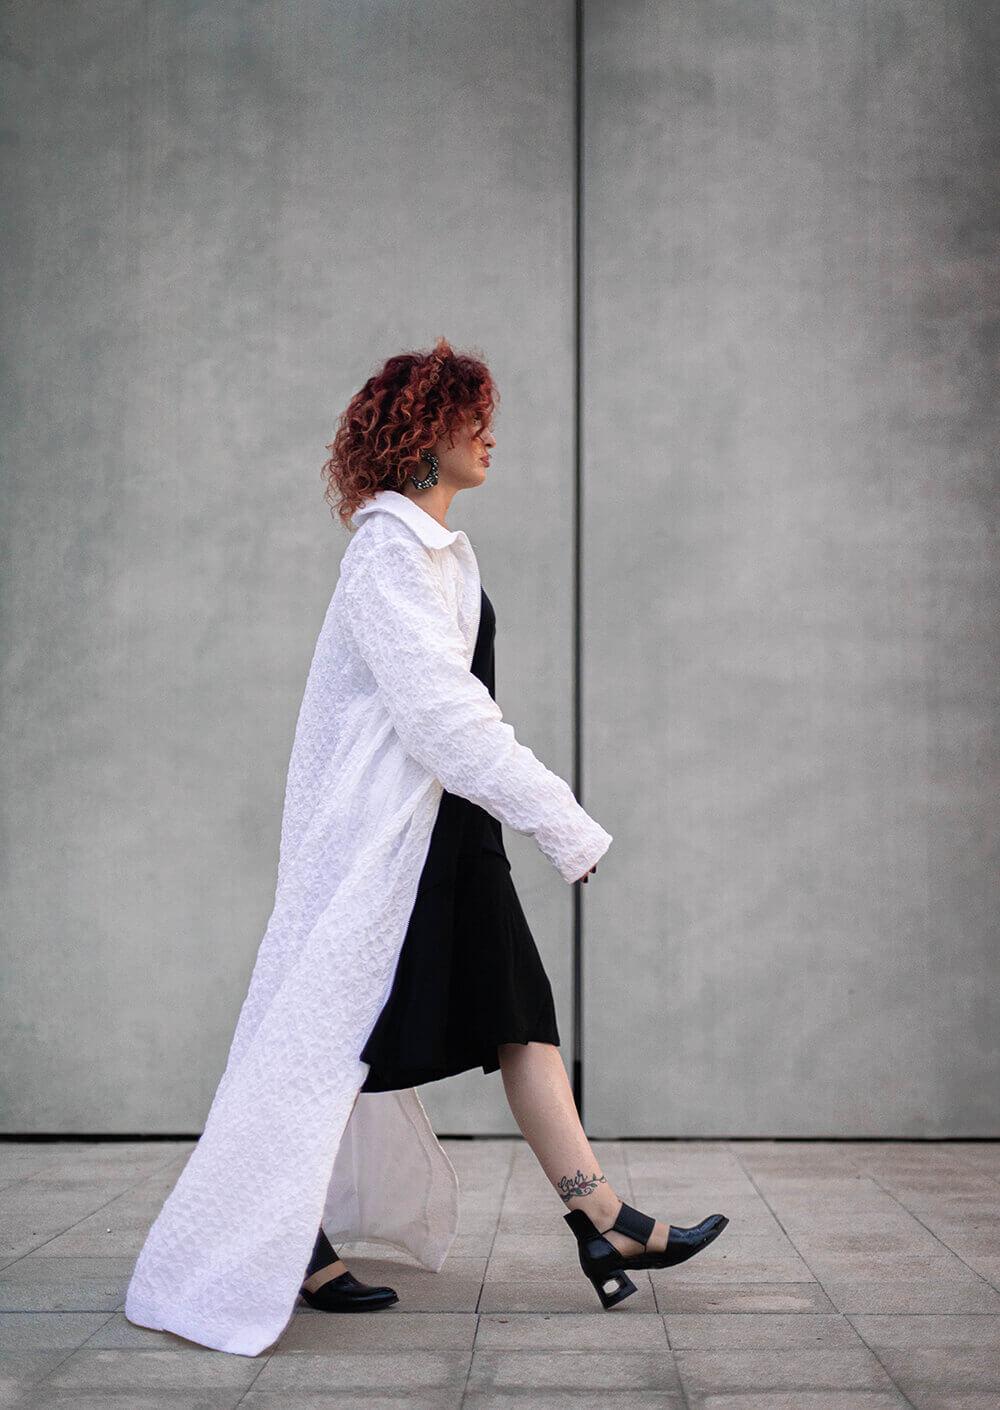 מעיל מפוסל לבן ארוך ומיוחד